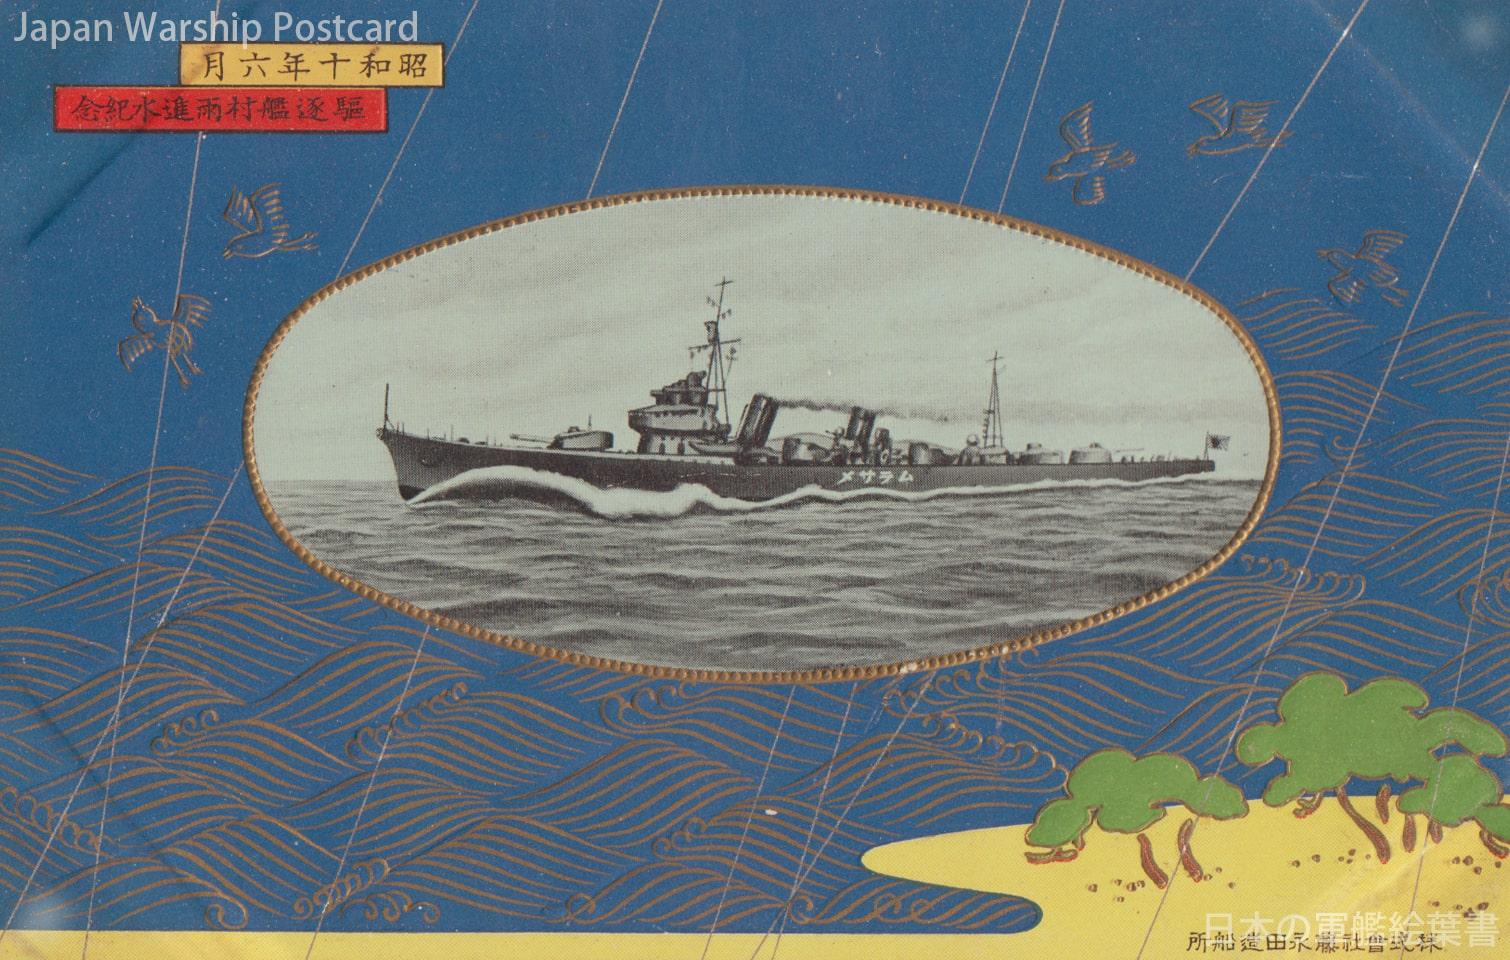 白露型駆逐艦「村雨」